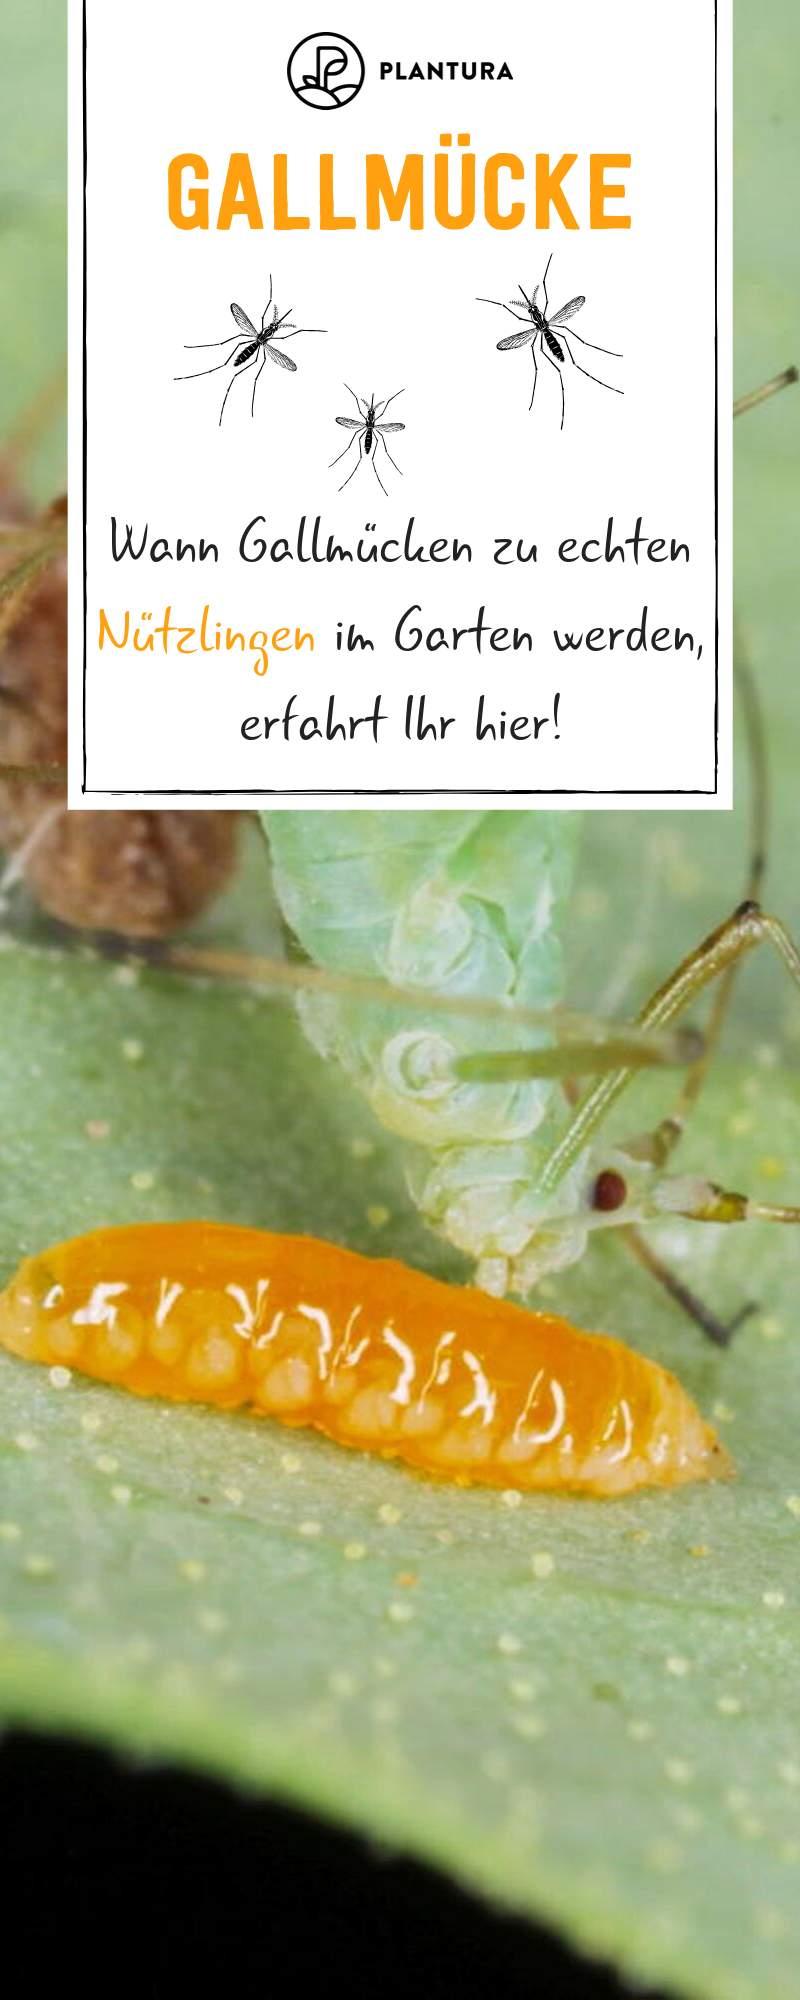 Rote Ameisen Im Garten Neu 40 Neu Raupen Im Garten Neu